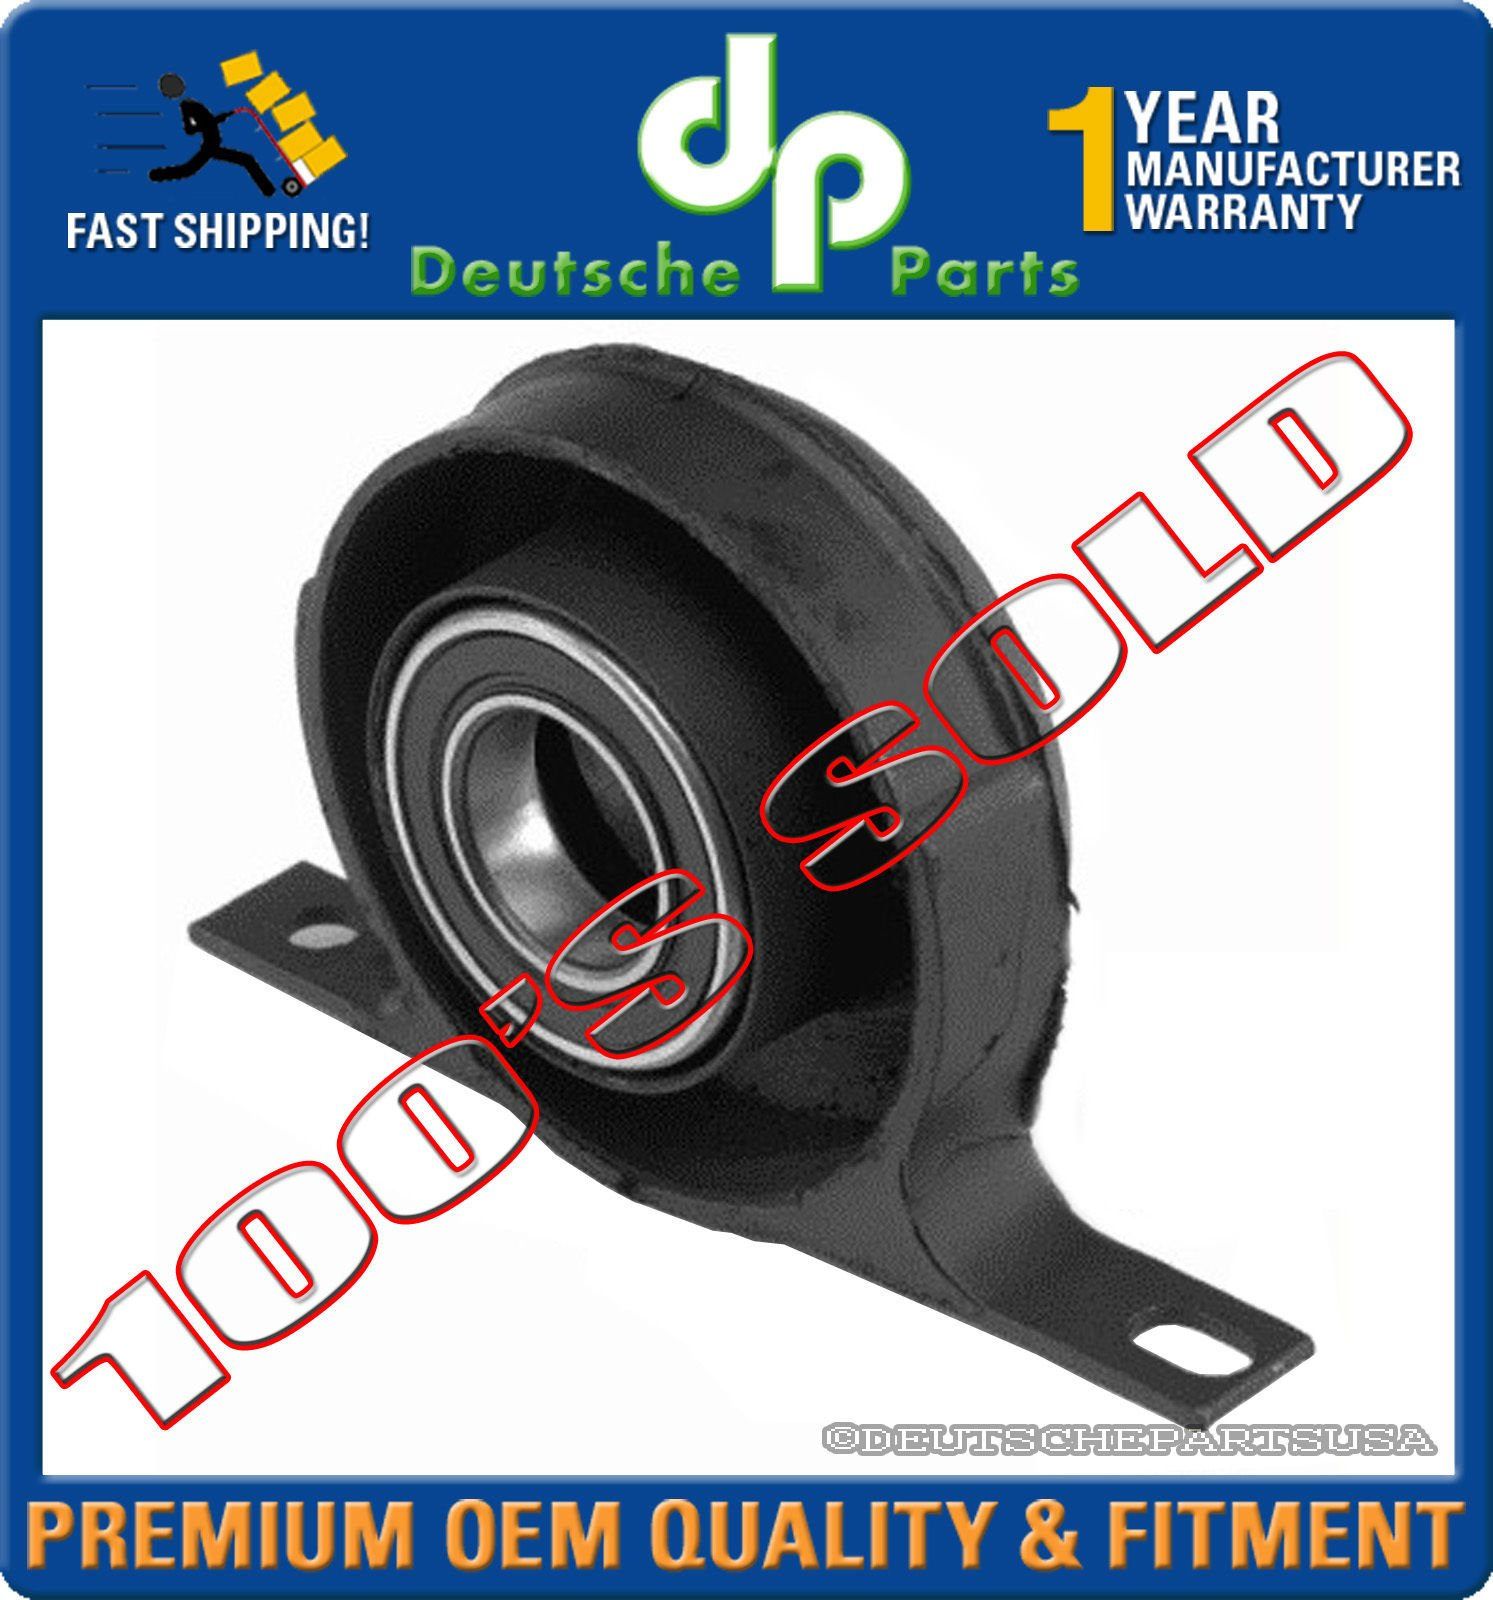 PROPSHAFT Support Bearing for BMW E24 E10 E9 E3 628Csi 633csi 735iL 2500 2800